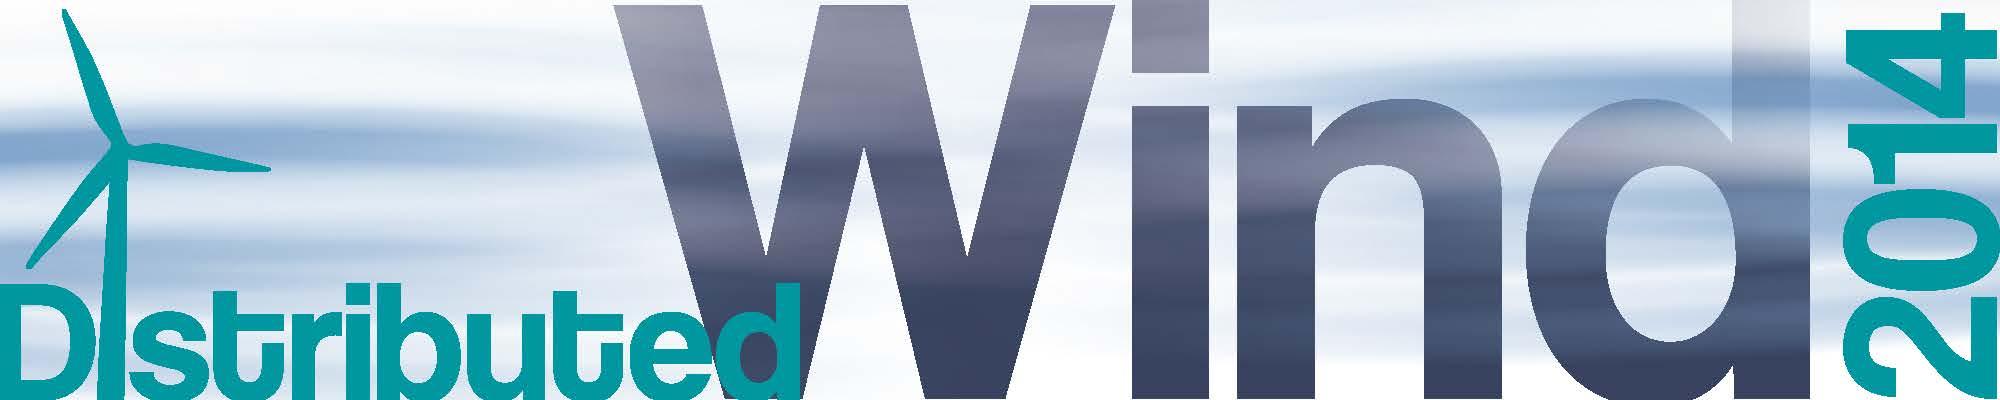 DWEA 14 Banner